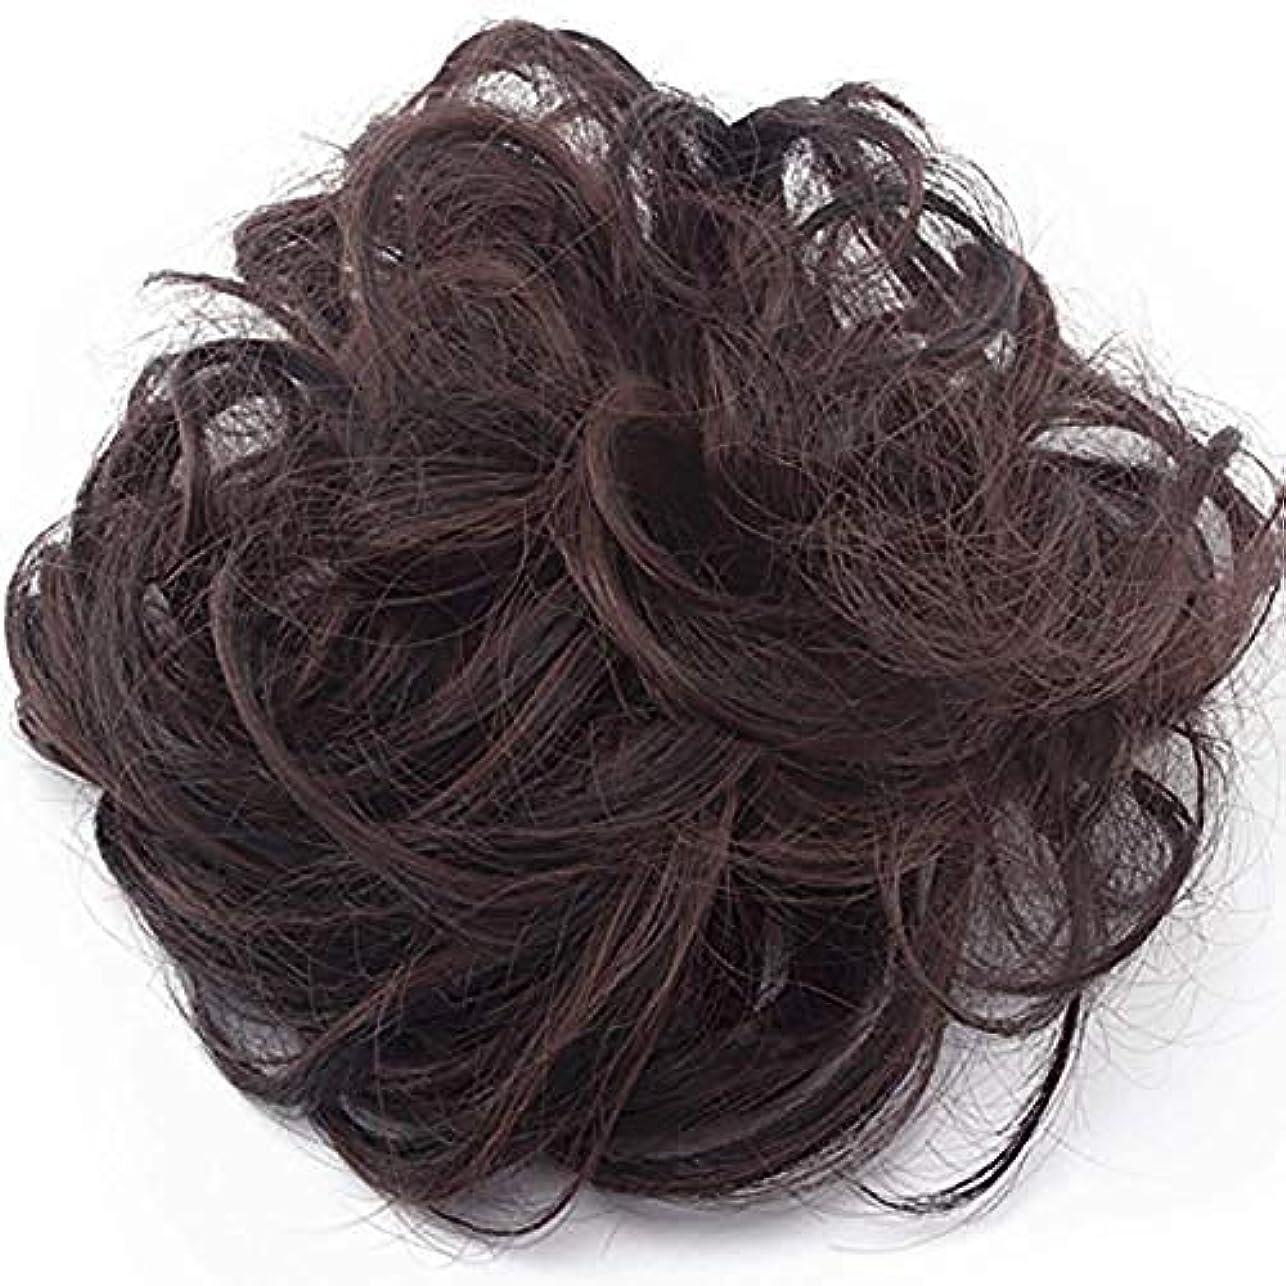 不安趣味事実上汚れた女の子の毛波状毛エクステンションヘアバンド饅頭饅頭は(自然な黒と白のミックス、オーバーン)かつらテープ拡張をポニーテール